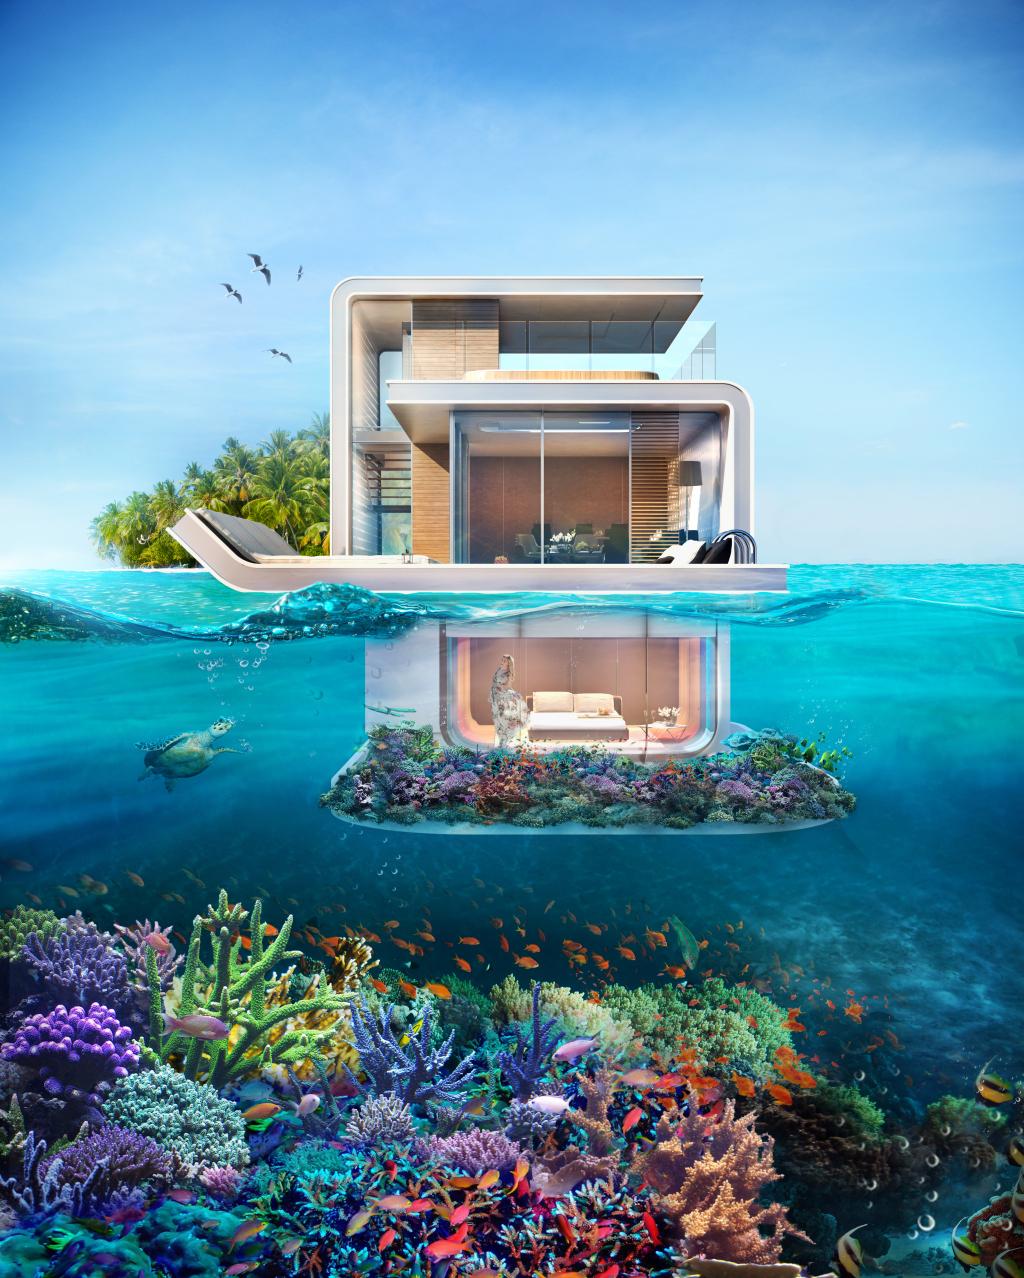 Seahorse : à Dubaï, des villas flottantes pour observer les hippocampes